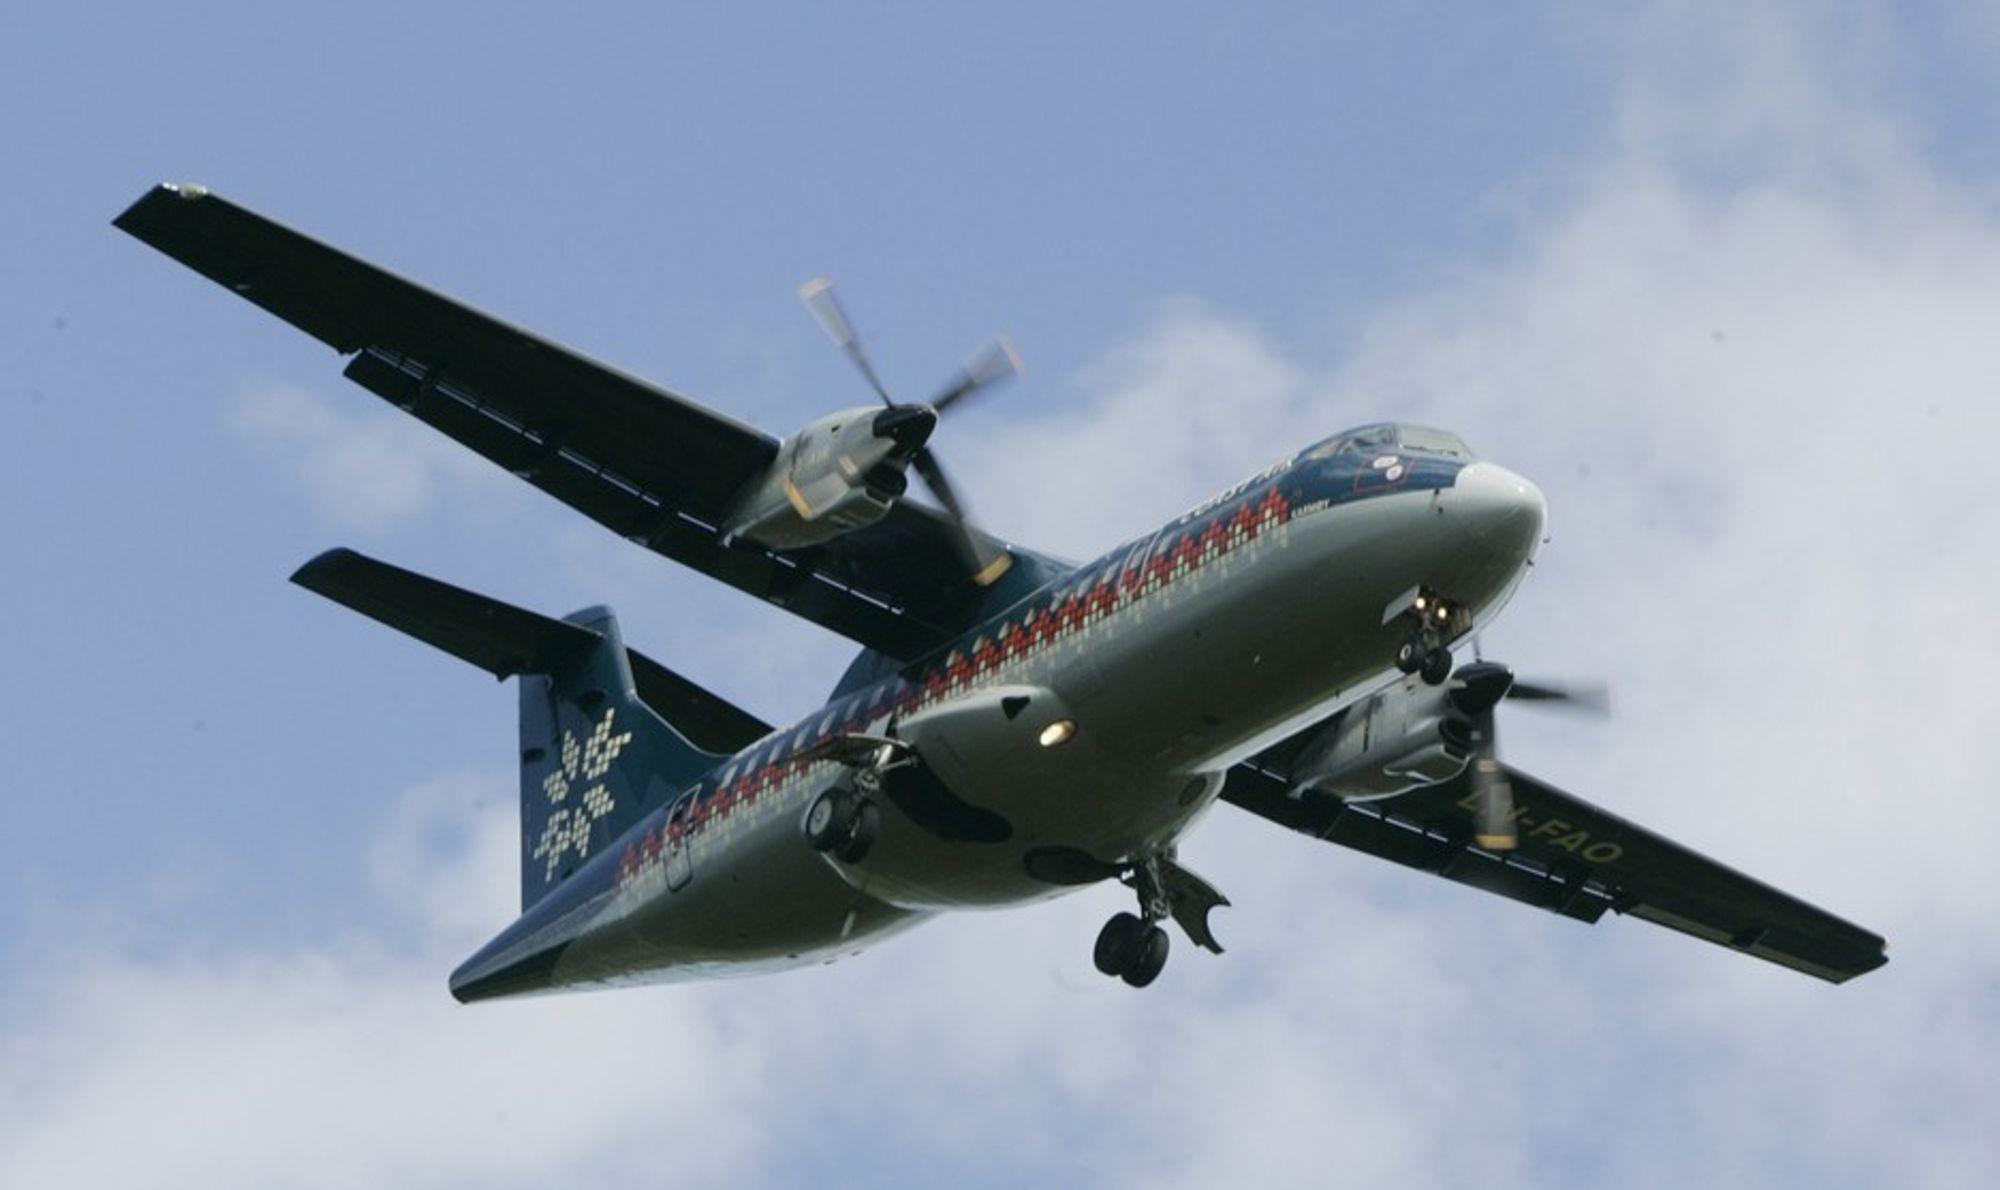 Et Coast Air-fly av denne typen, ATR-42, fikk problemer som følge av kraftig ising i 2005. Nå er flyselskapet konkurs, men også luftfartsmyndighetene får nå flengende kritikk.